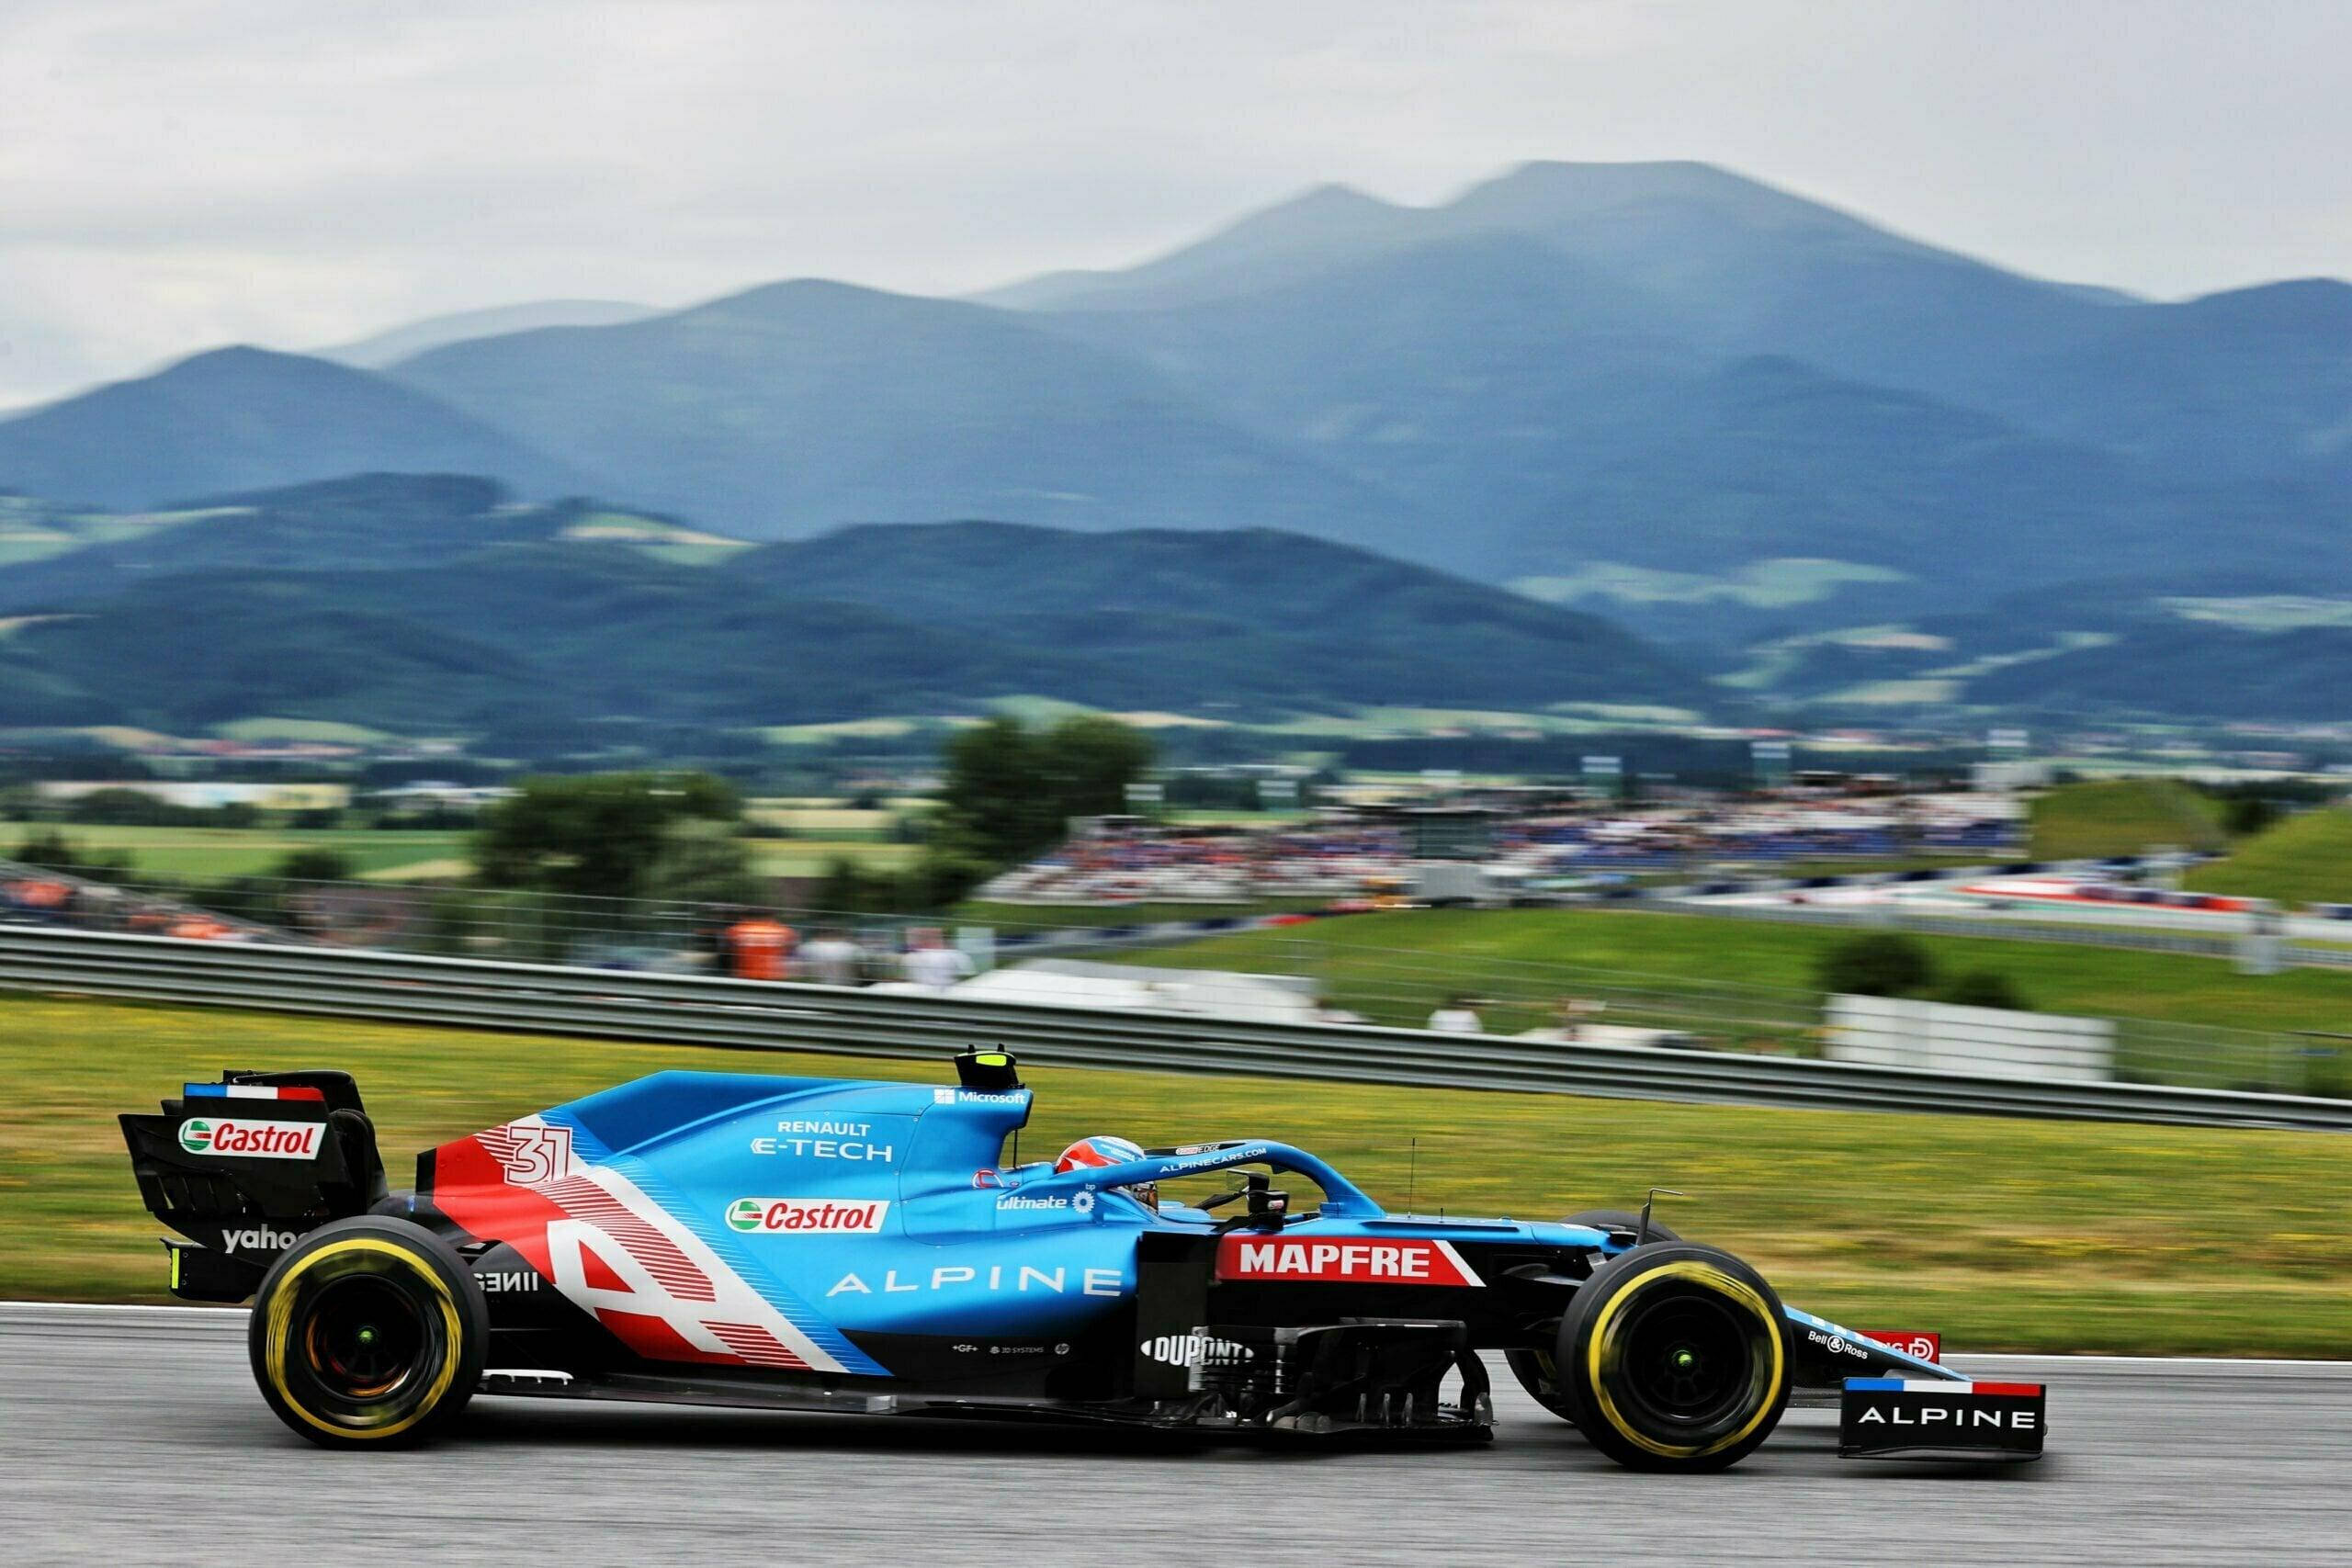 Alpine F1 Alonso Ocon A521 GP Autriche Spielberg 2021 18 scaled | Alpine F1 : Alonso rapporte un point au Grand-Prix d'Autriche